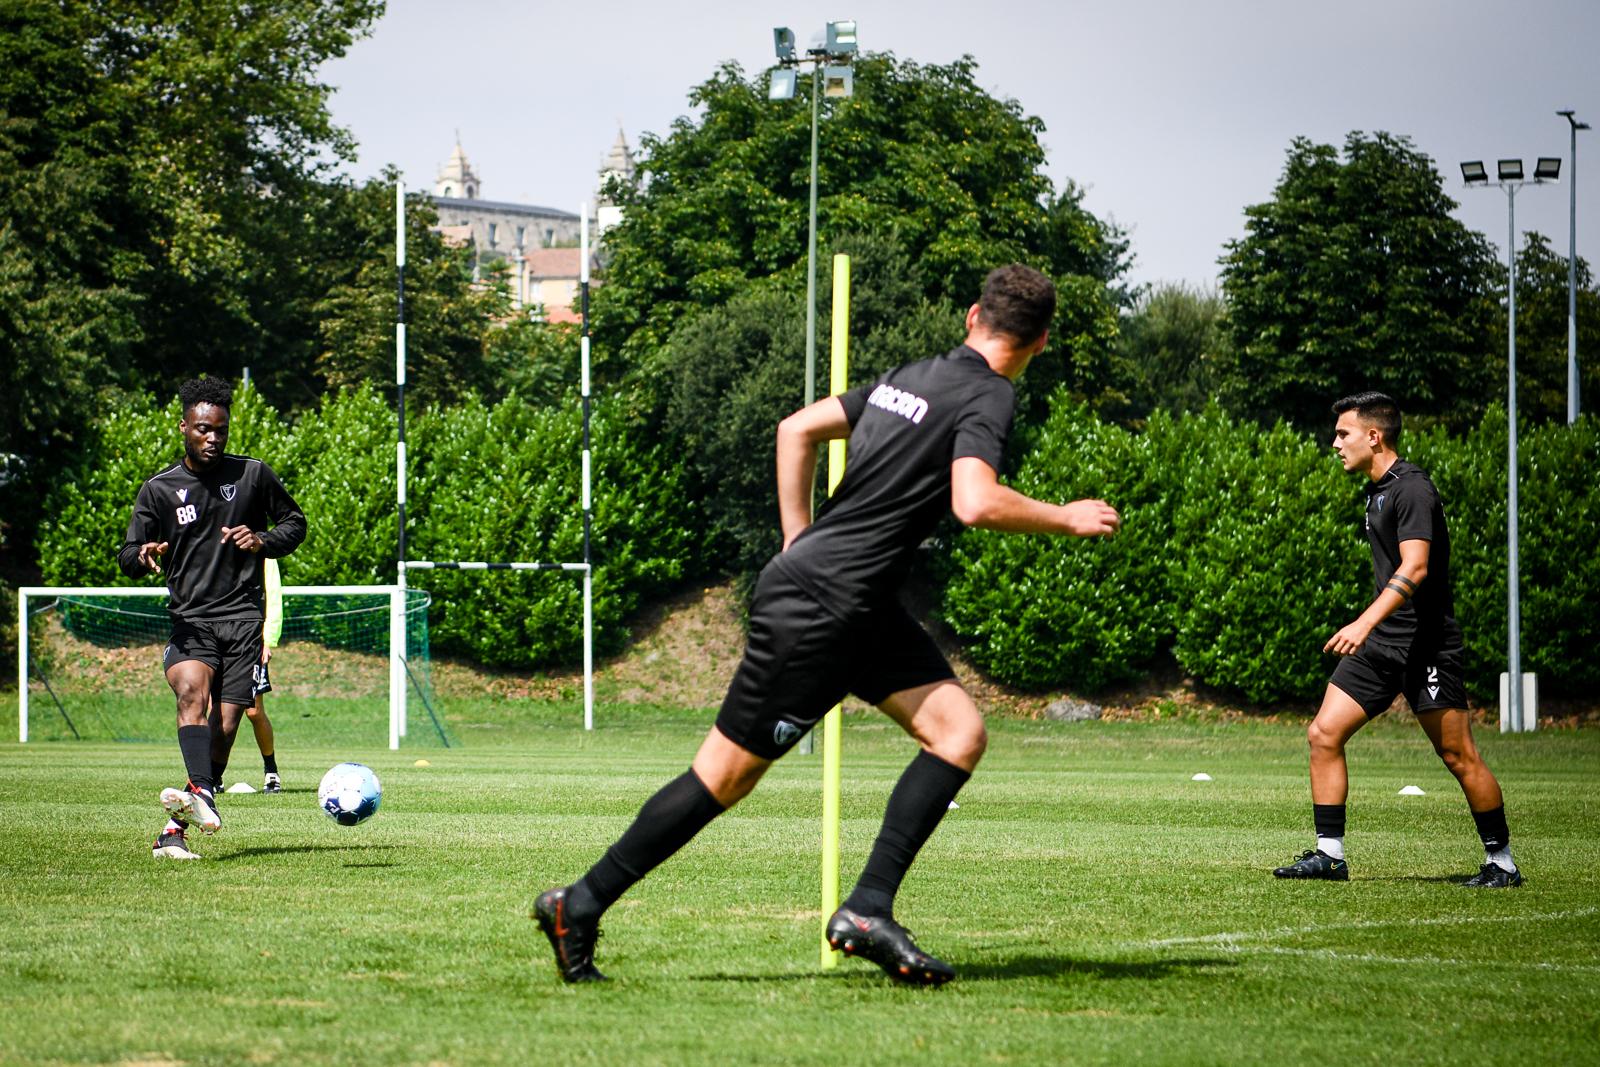 Académico de Viseu treina no campo 1º de Maio em Viseu